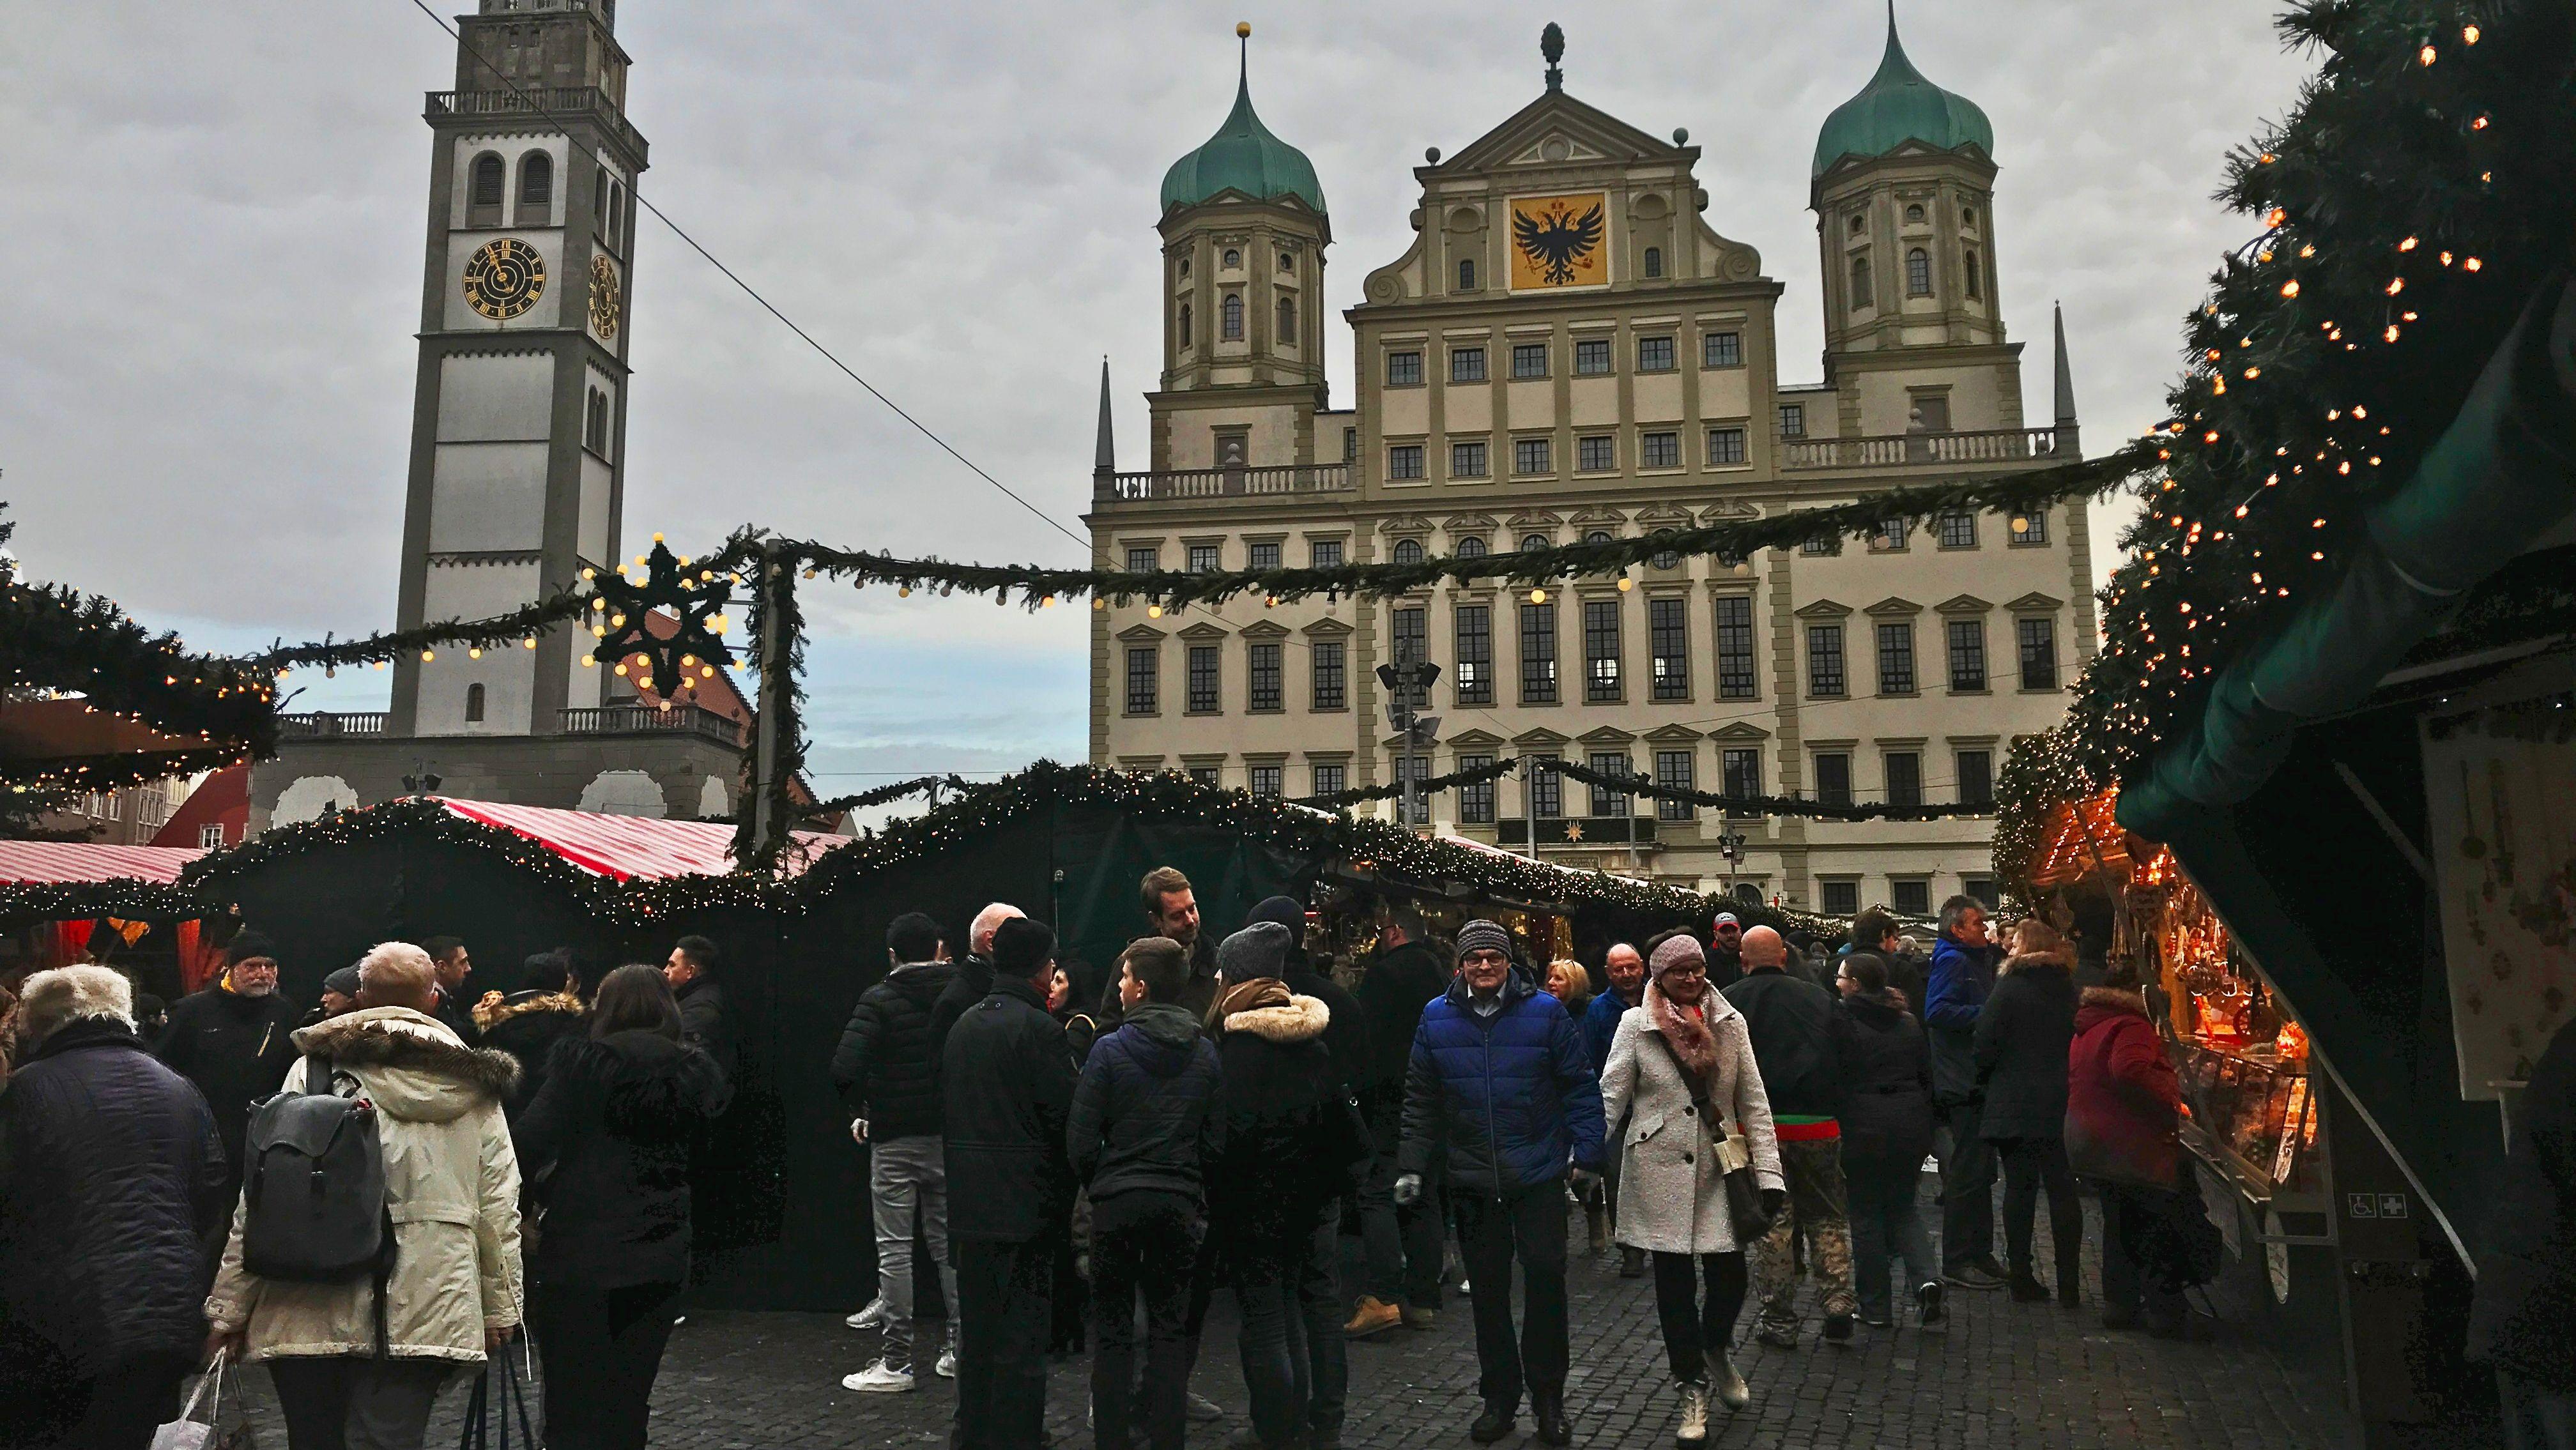 """Grau, aber """"weihnachtsmarkttauglich"""": Der Augsburger Christkindlesmarkt zieht eine positive Bilanz, auch wegen des Wetters."""